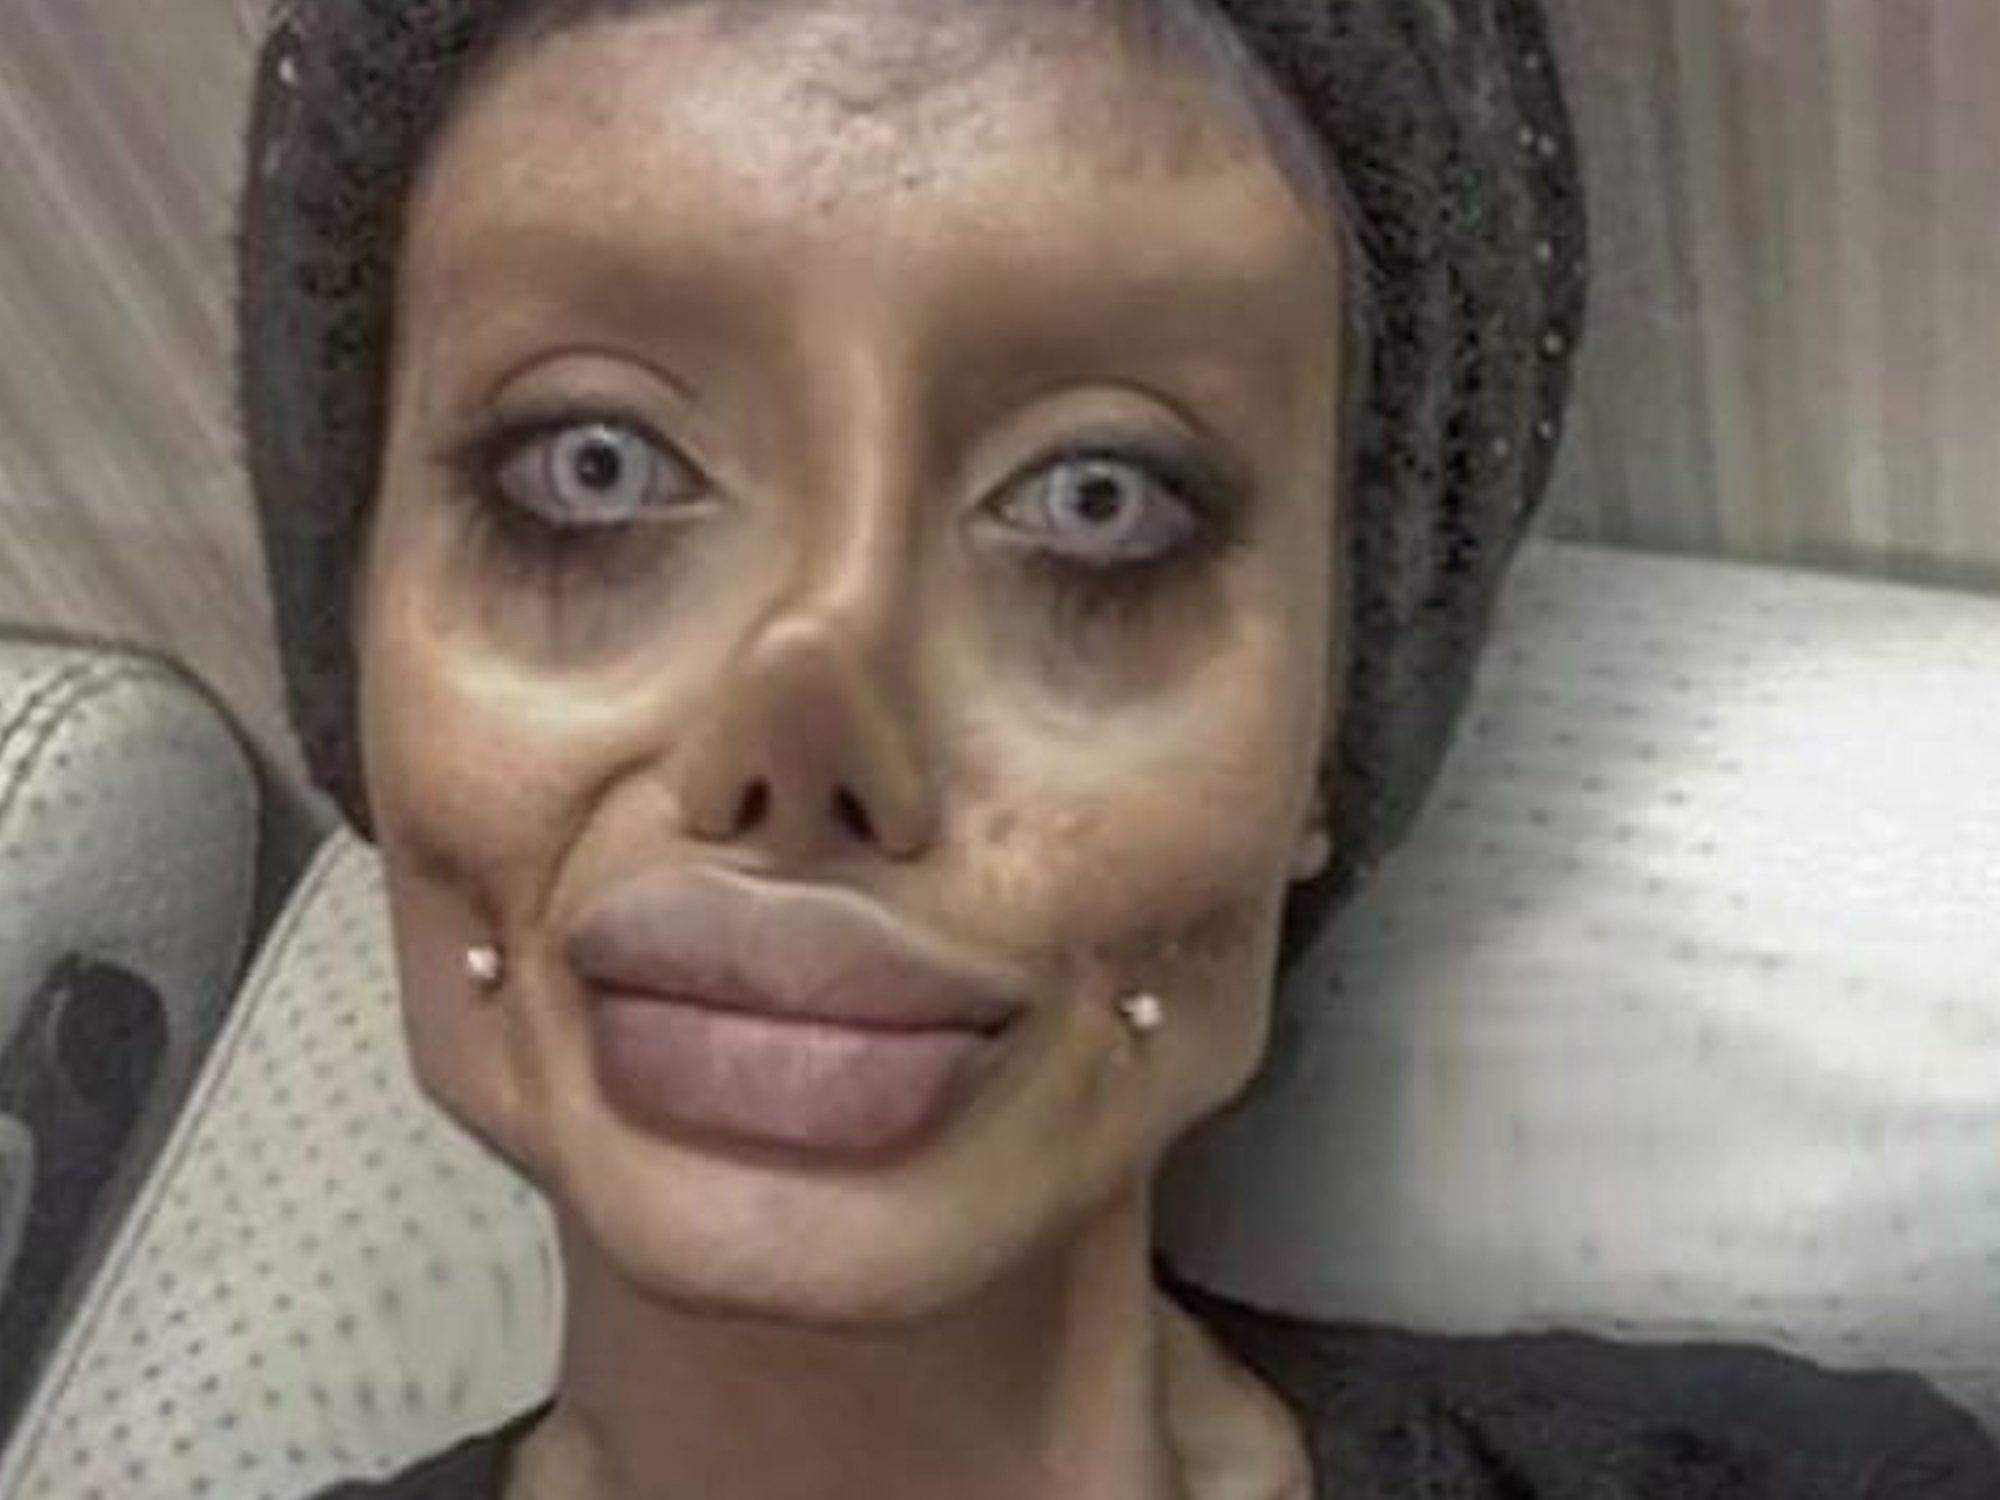 """Arrestada por """"crímenes culturales"""" la joven iraní conocida como la """"doble zombie de Angelina Jolie"""""""